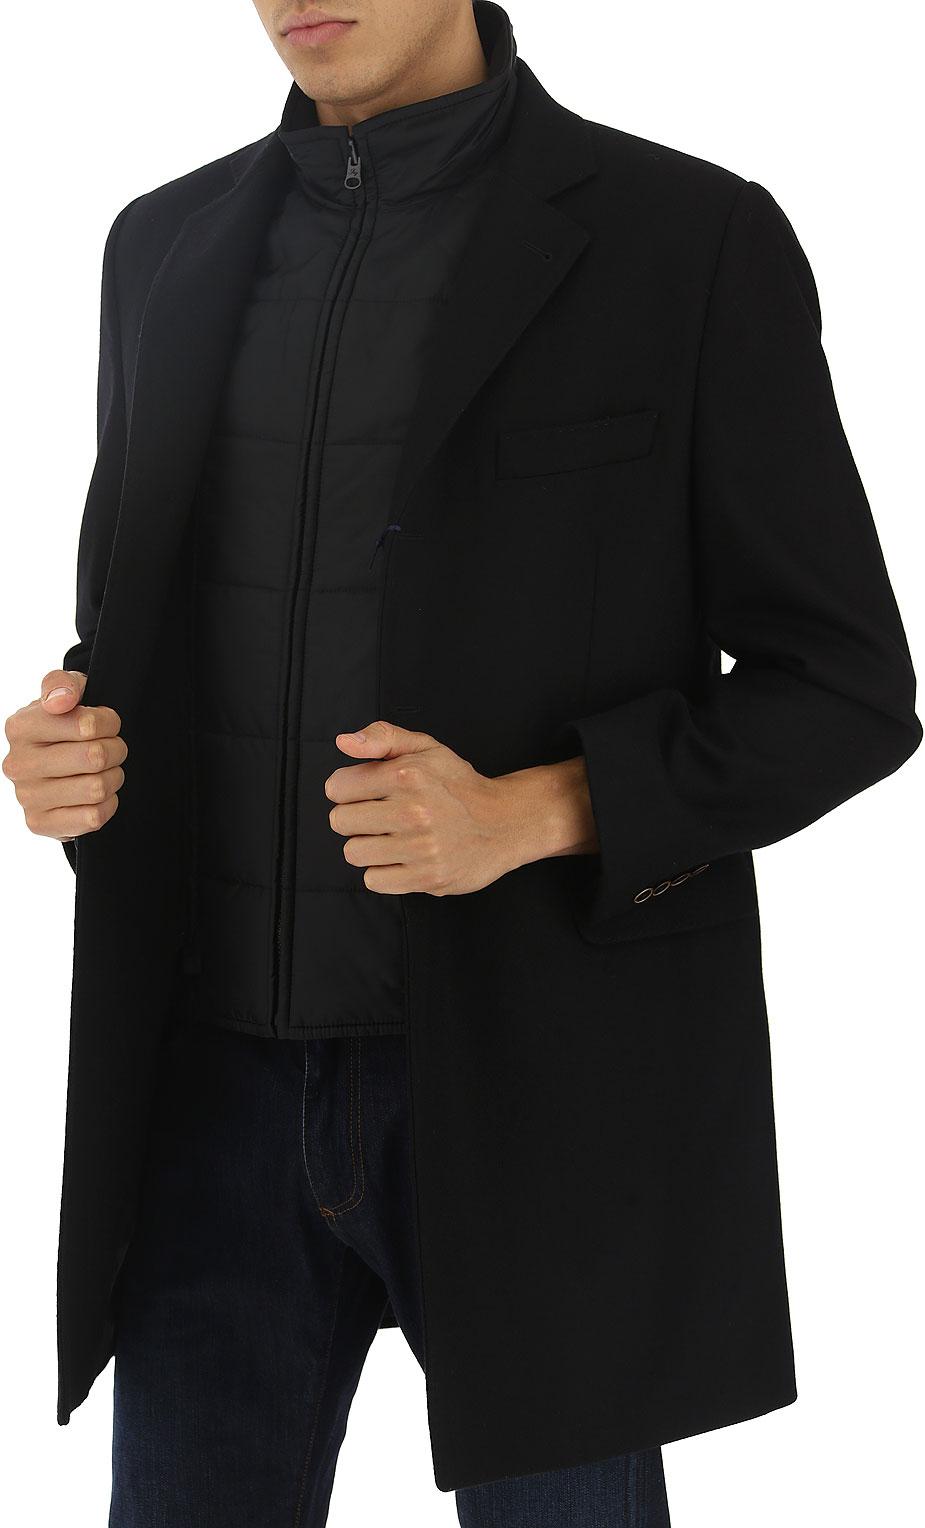 Codice Abbigliamento Uomo Fay Articolo Abbigliamento Uomo B679 nam53351390gahb999 ZqICwUU